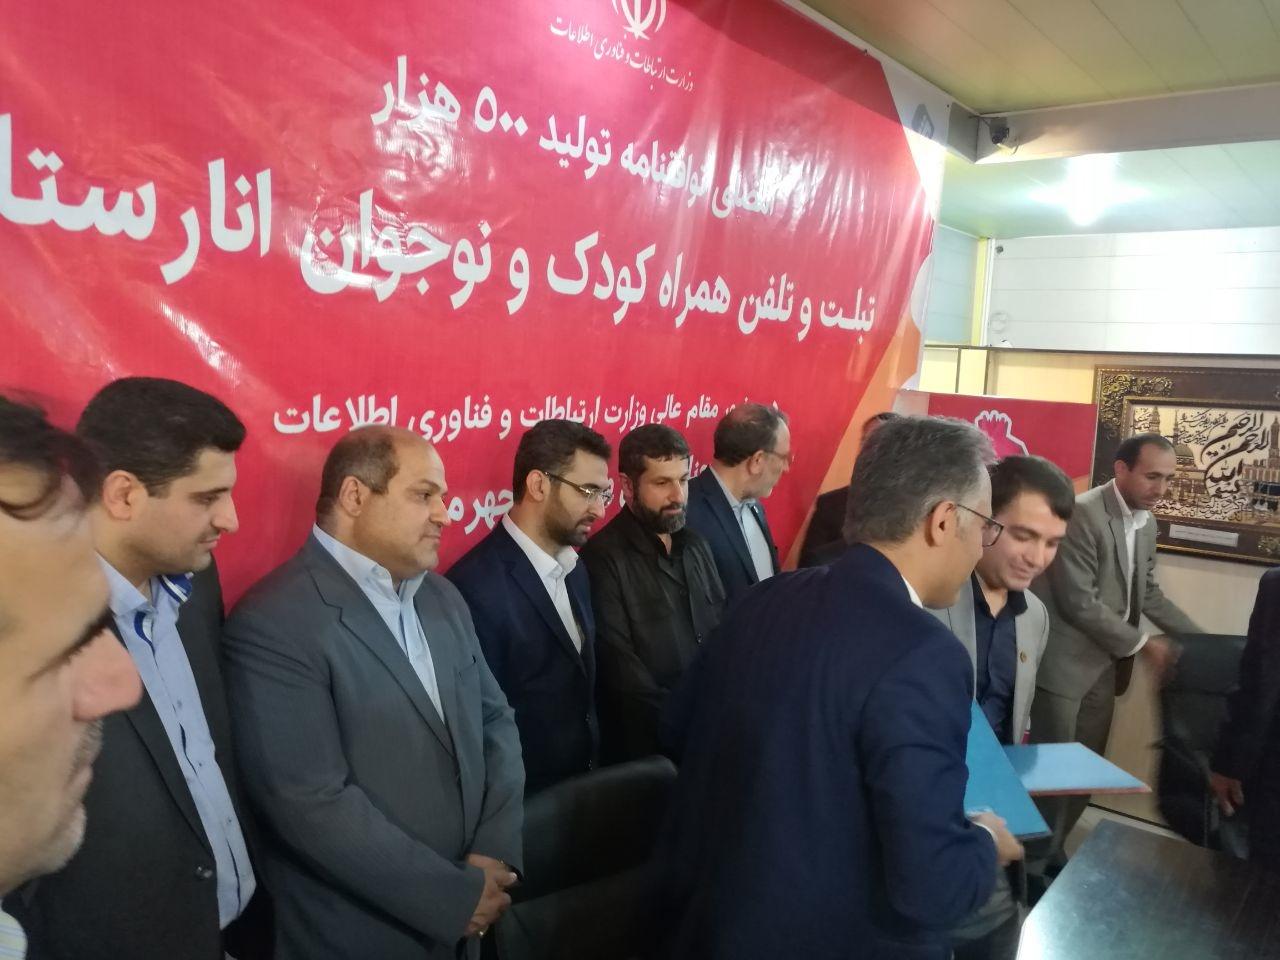 حضور وزیر ارتباطات در افتتاحیه خط مونتاژ تبلت چینی-ایرانی ویژه کودکان در خوزستان/ عکس